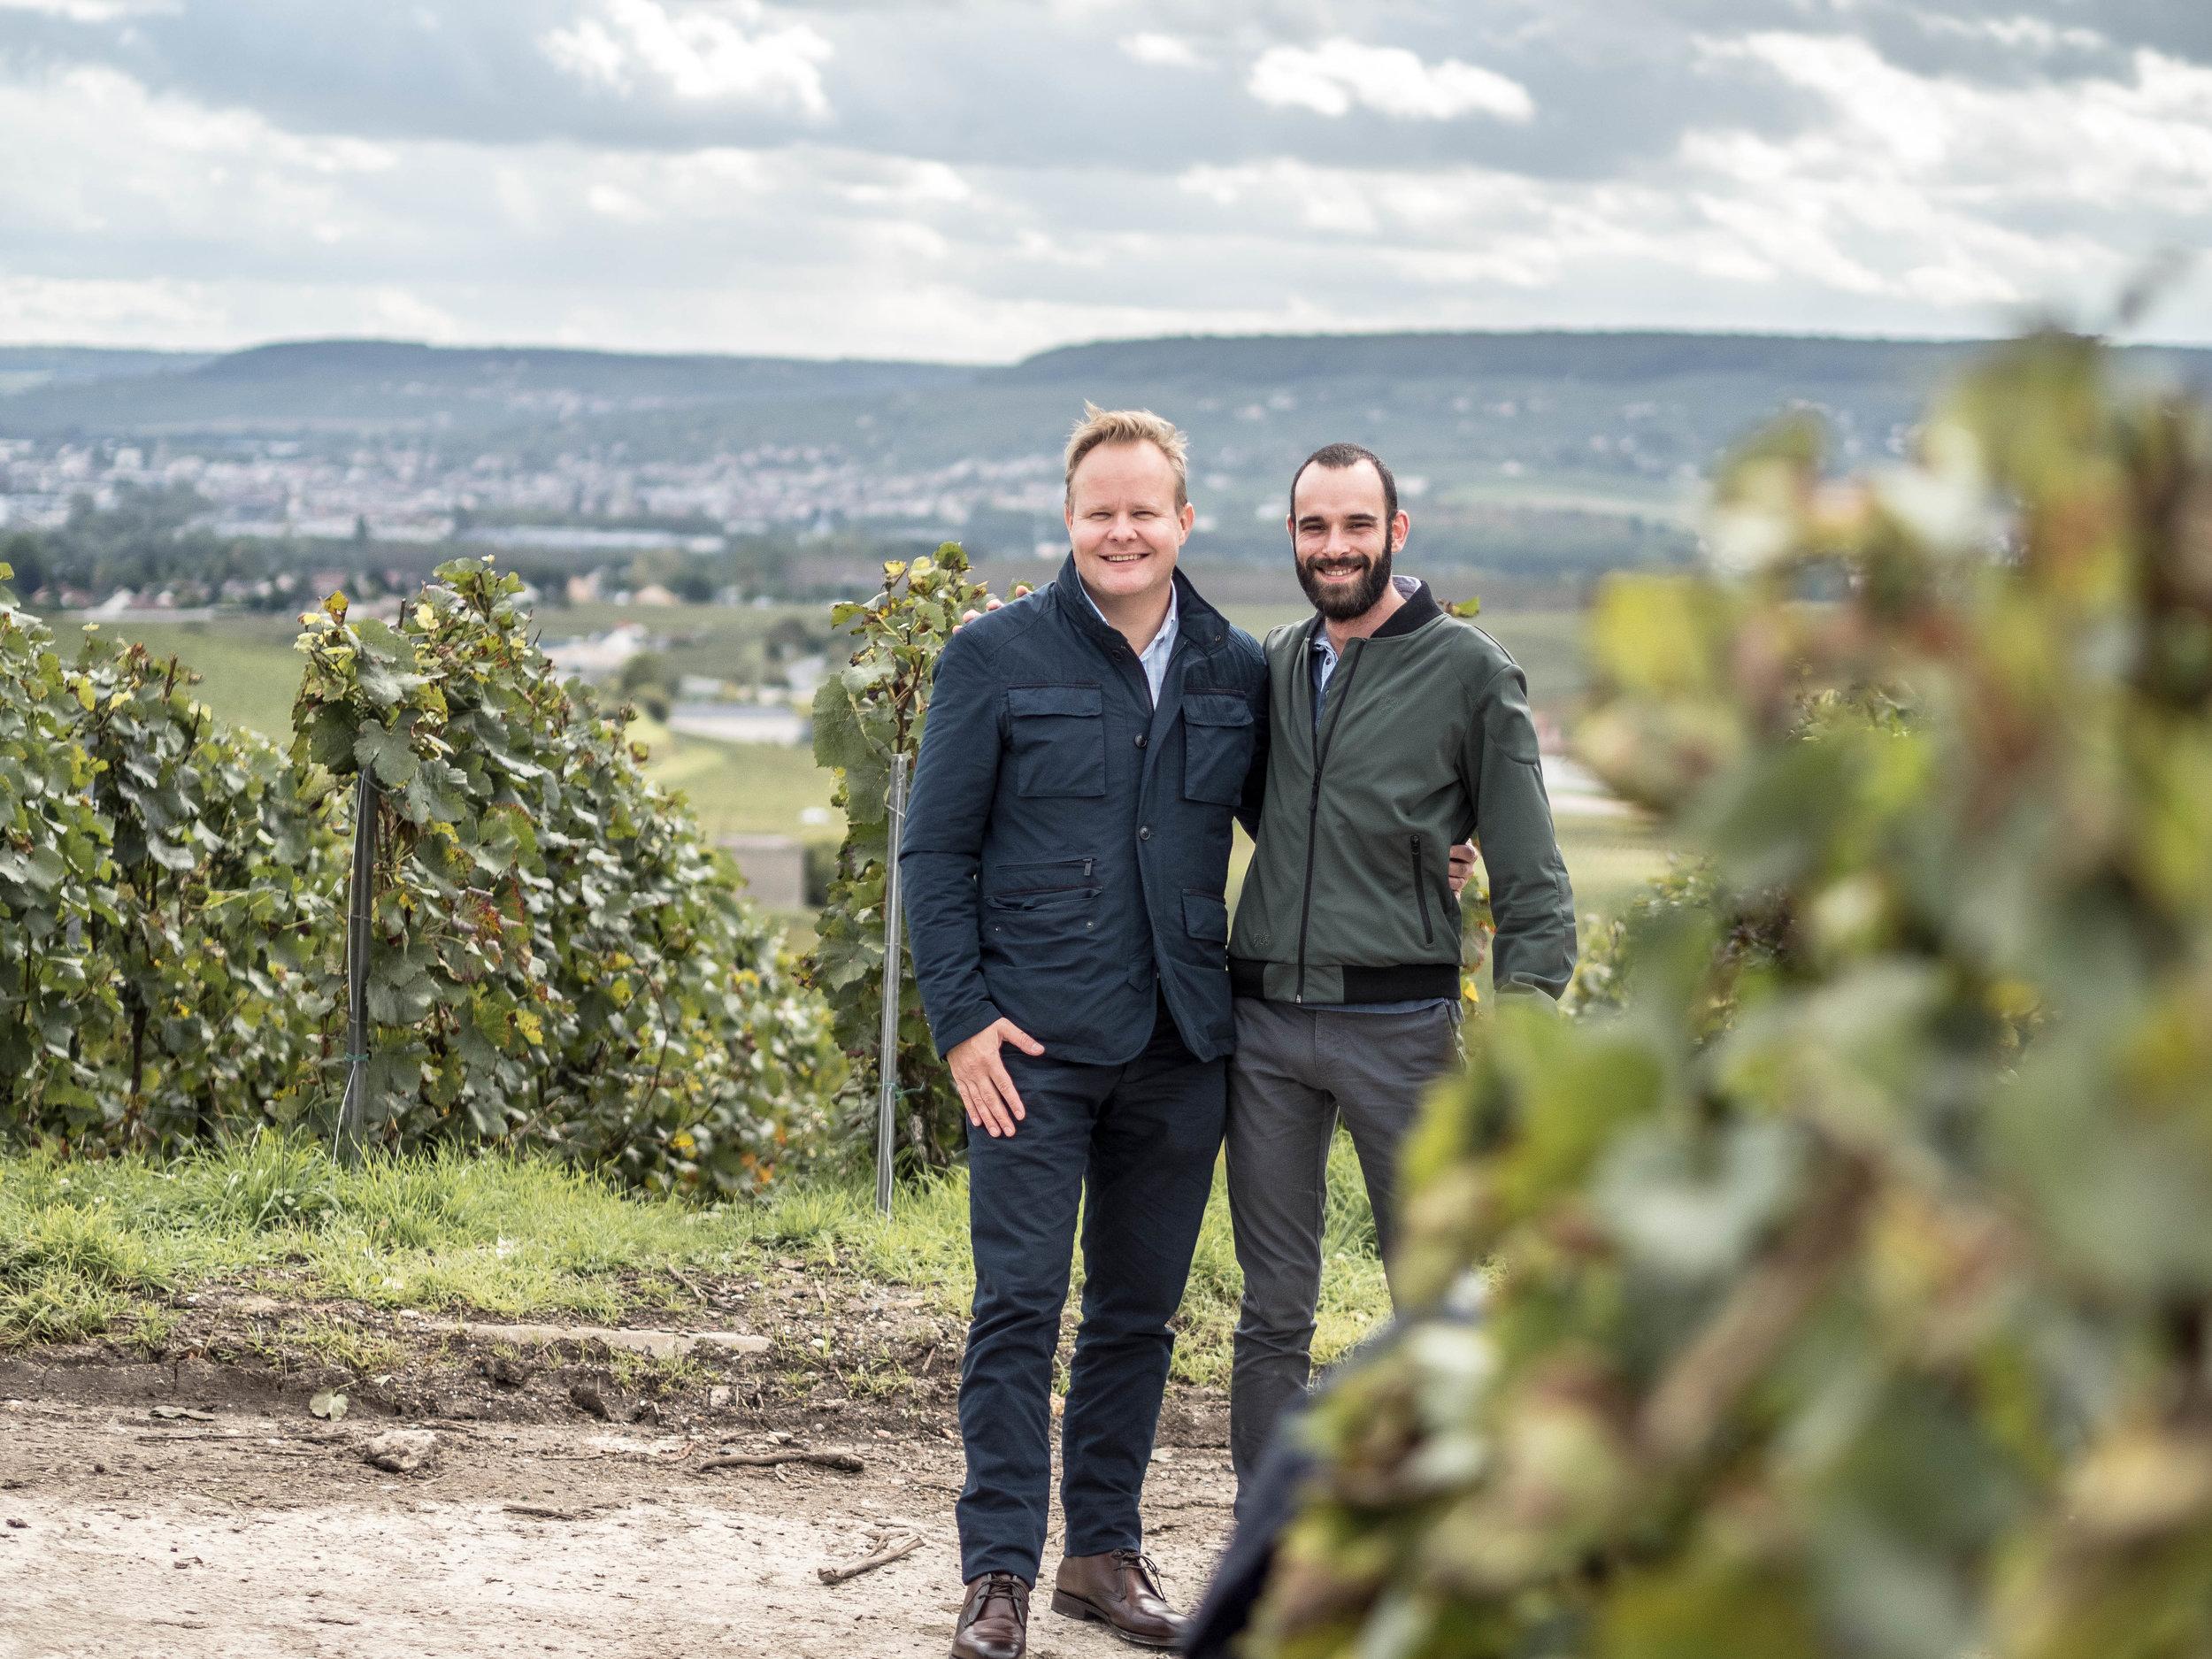 tiimi  Yhteistyötiimi, Viinitien Toni Immanen sekä Autréau-suvun nuorin viinitekijä Laurent Autréau.